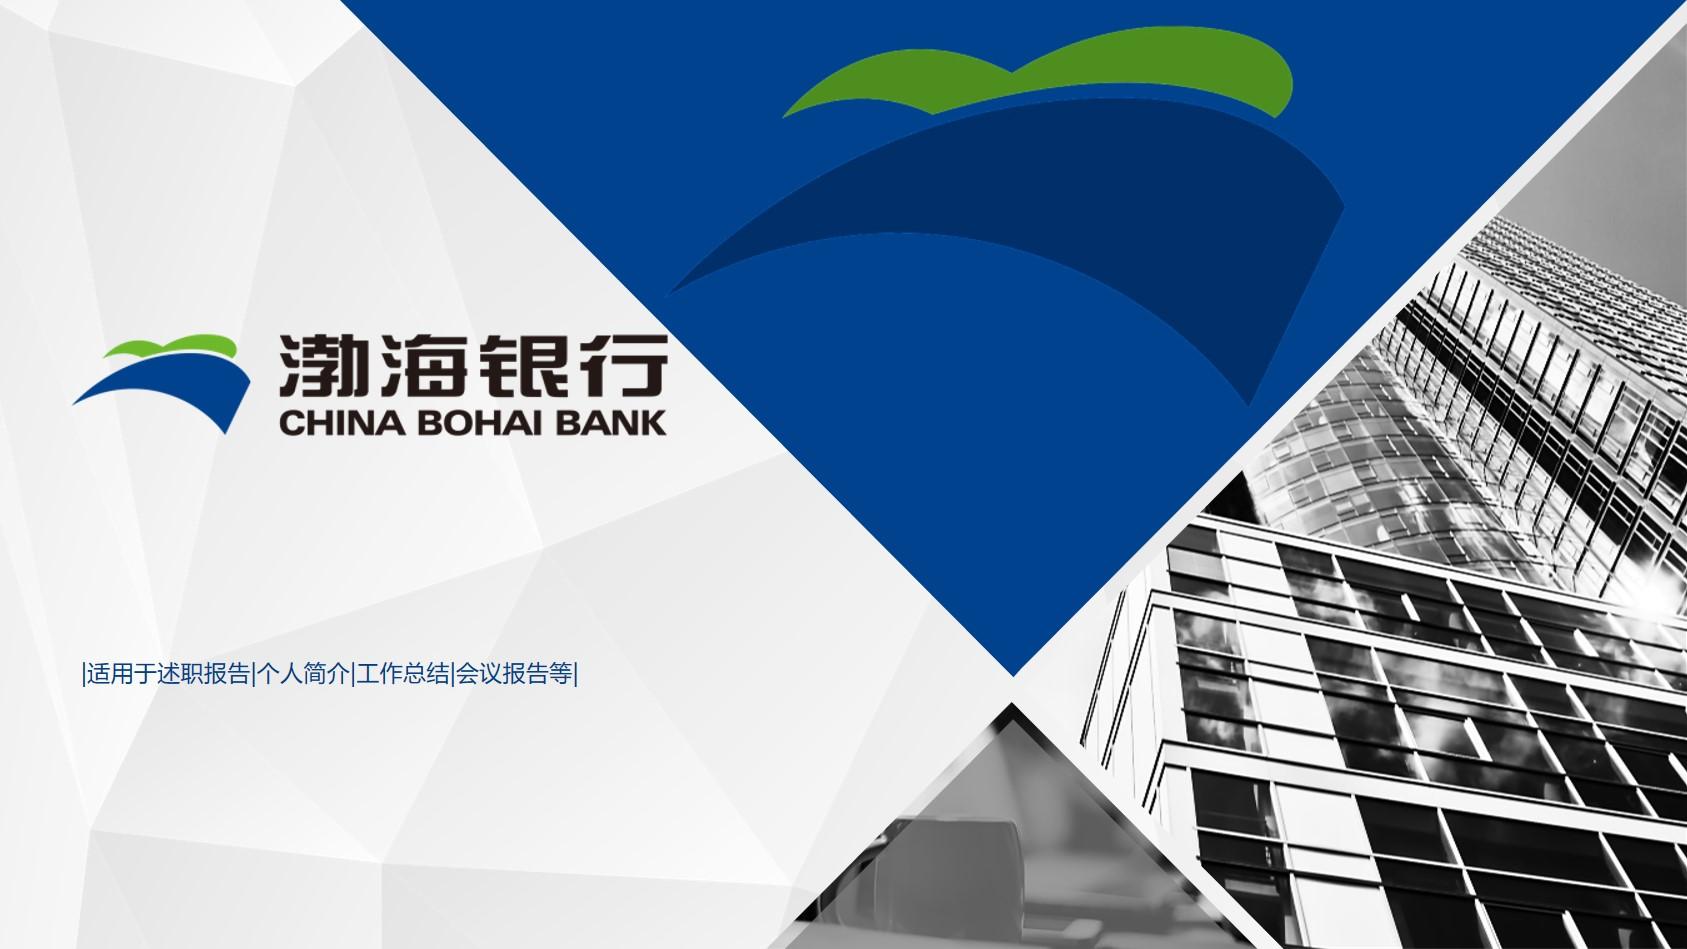 银行工作总结汇报PPT模板 工作总结幻灯片模板